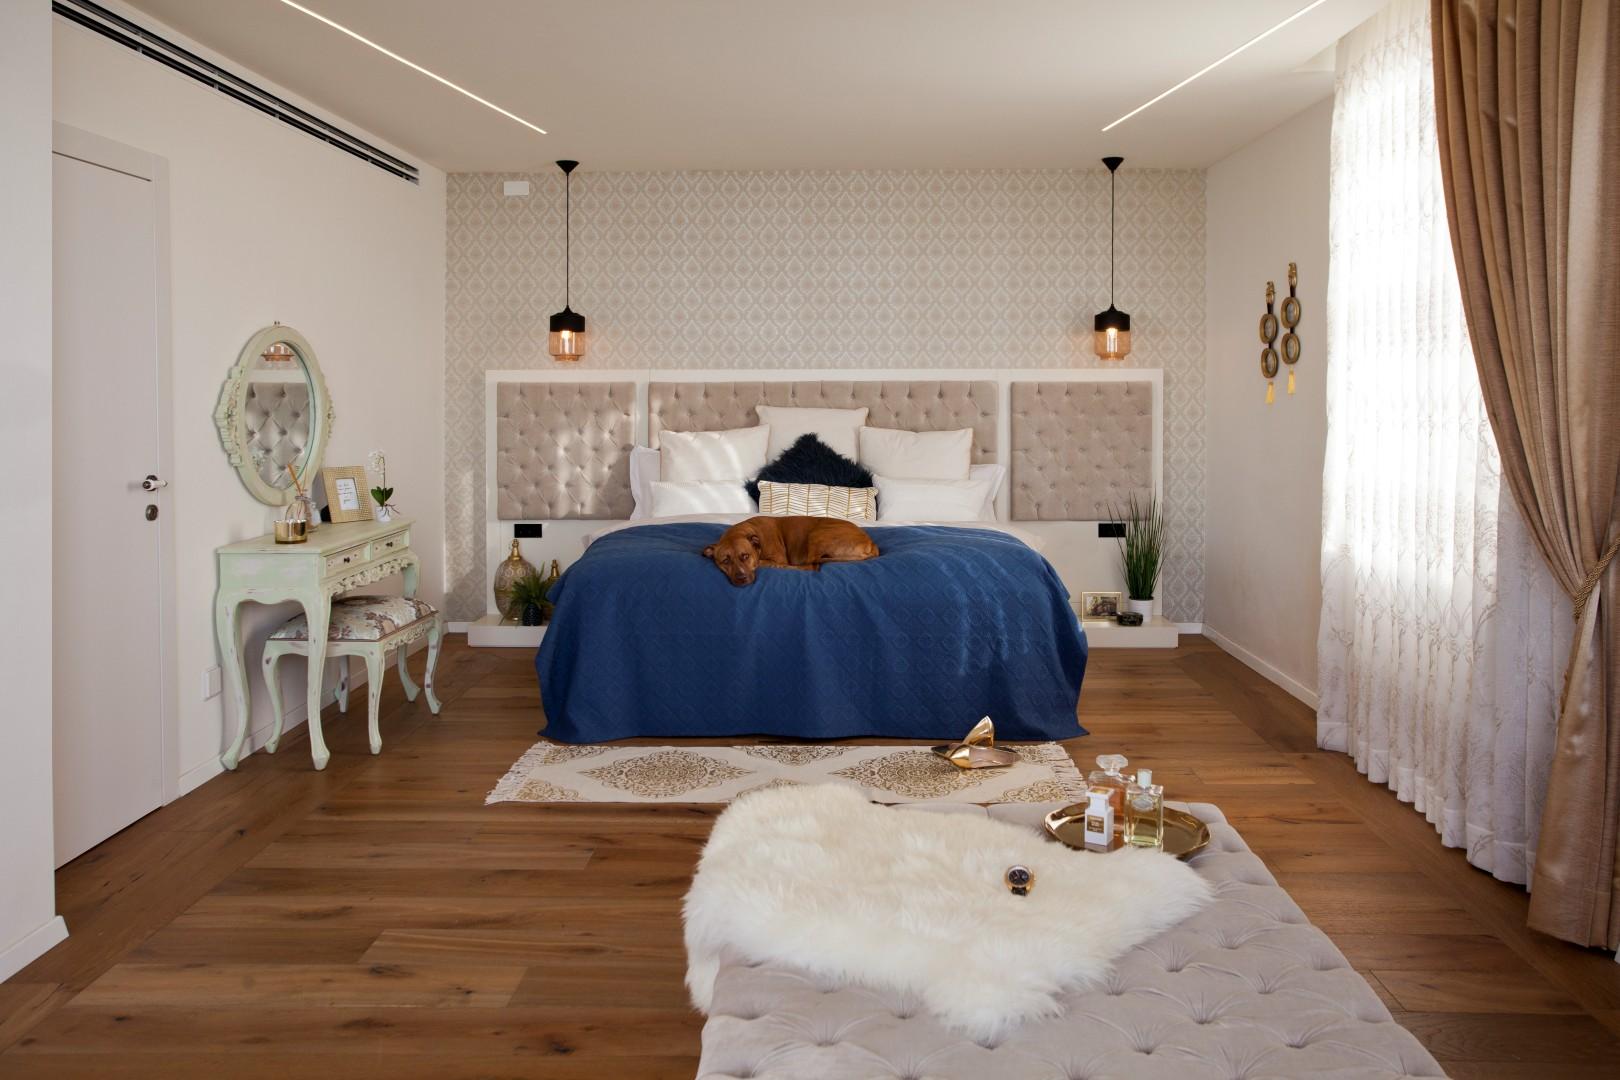 חדר השינה.צבעים ניאו קלאסיים (צילום: גידי בועז) (צילום: גידי בועז)